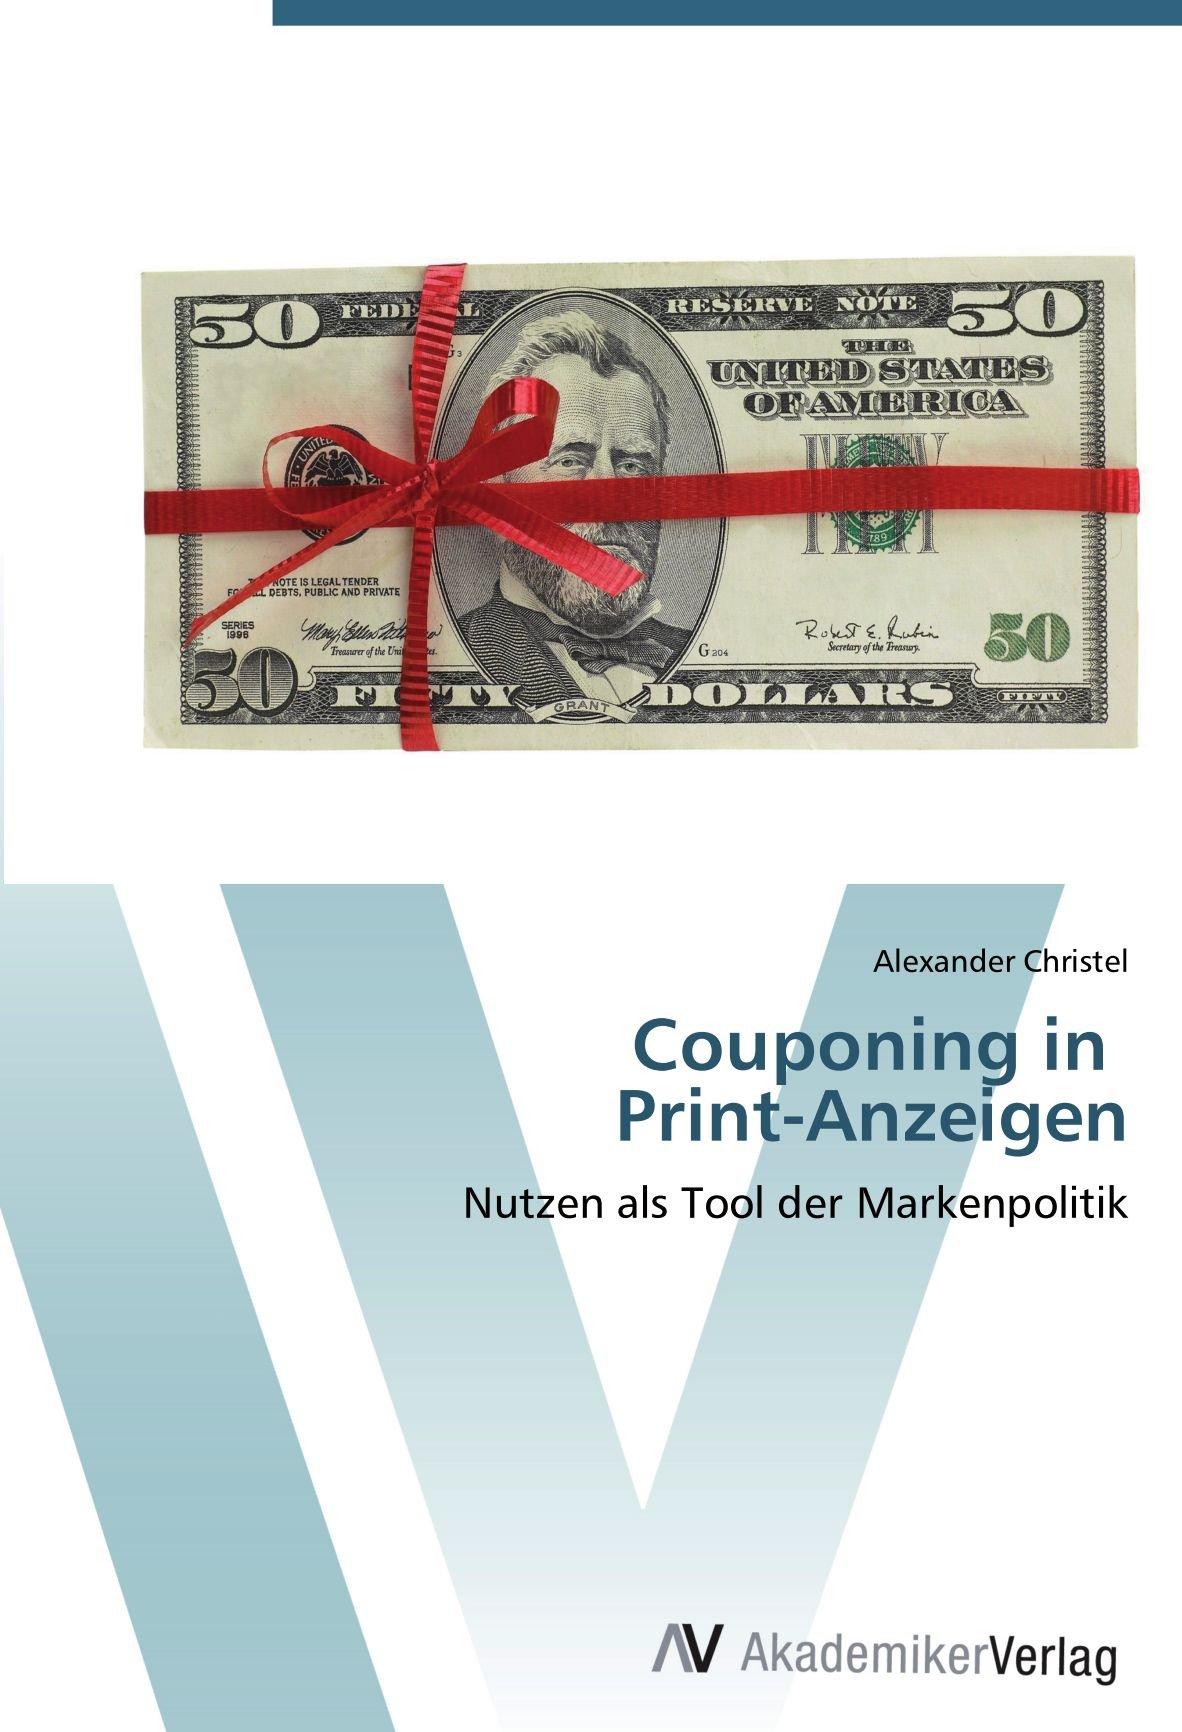 Couponing in Print-Anzeigen: Nutzen als Tool der Markenpolitik Taschenbuch – 27. April 2012 Alexander Christel AV Akademikerverlag 3639403533 Wirtschaft / Werbung